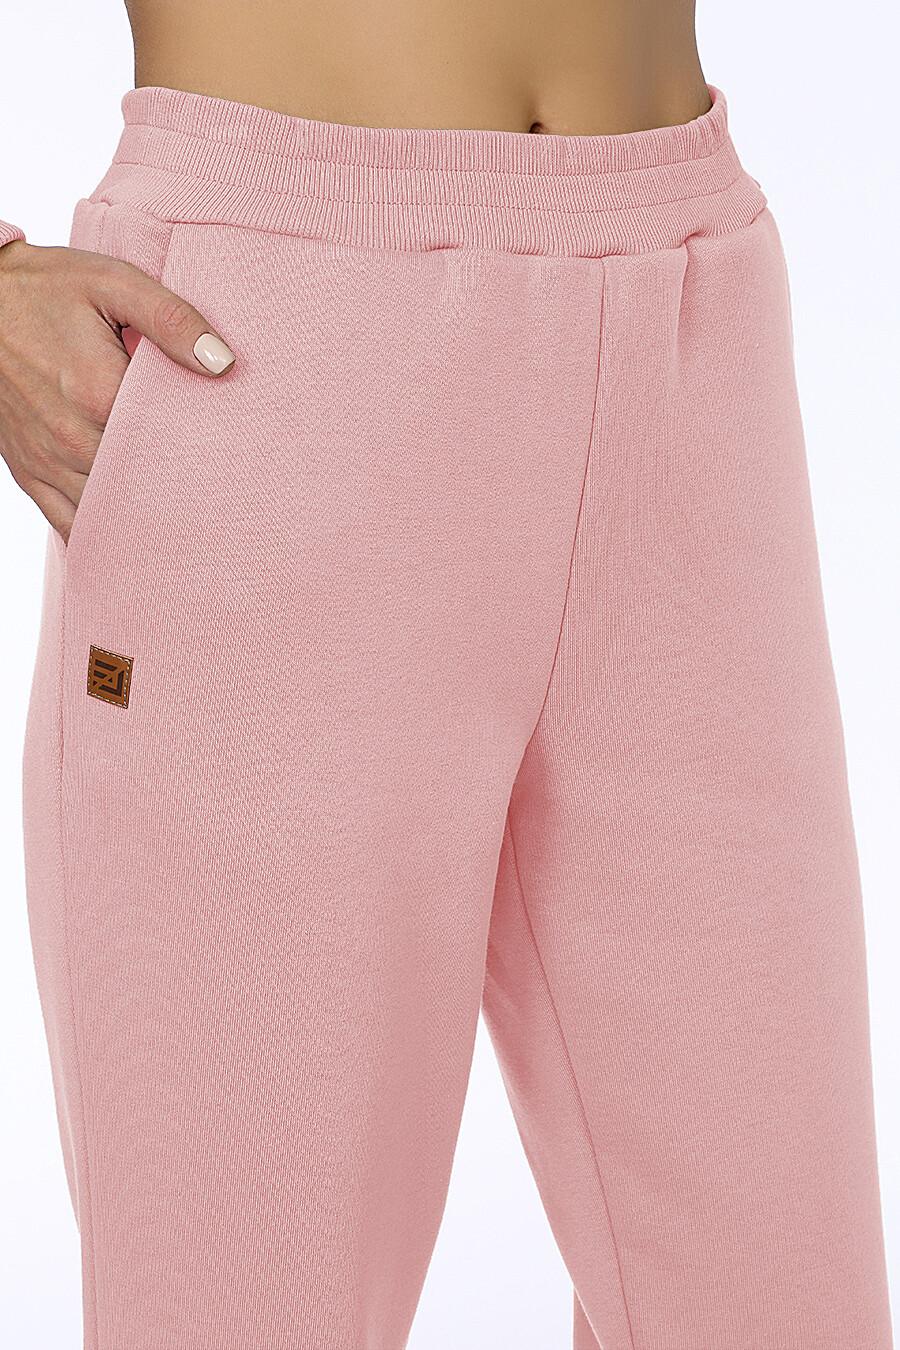 Костюм (Брюки+Худи) для женщин EZANNA 707979 купить оптом от производителя. Совместная покупка женской одежды в OptMoyo